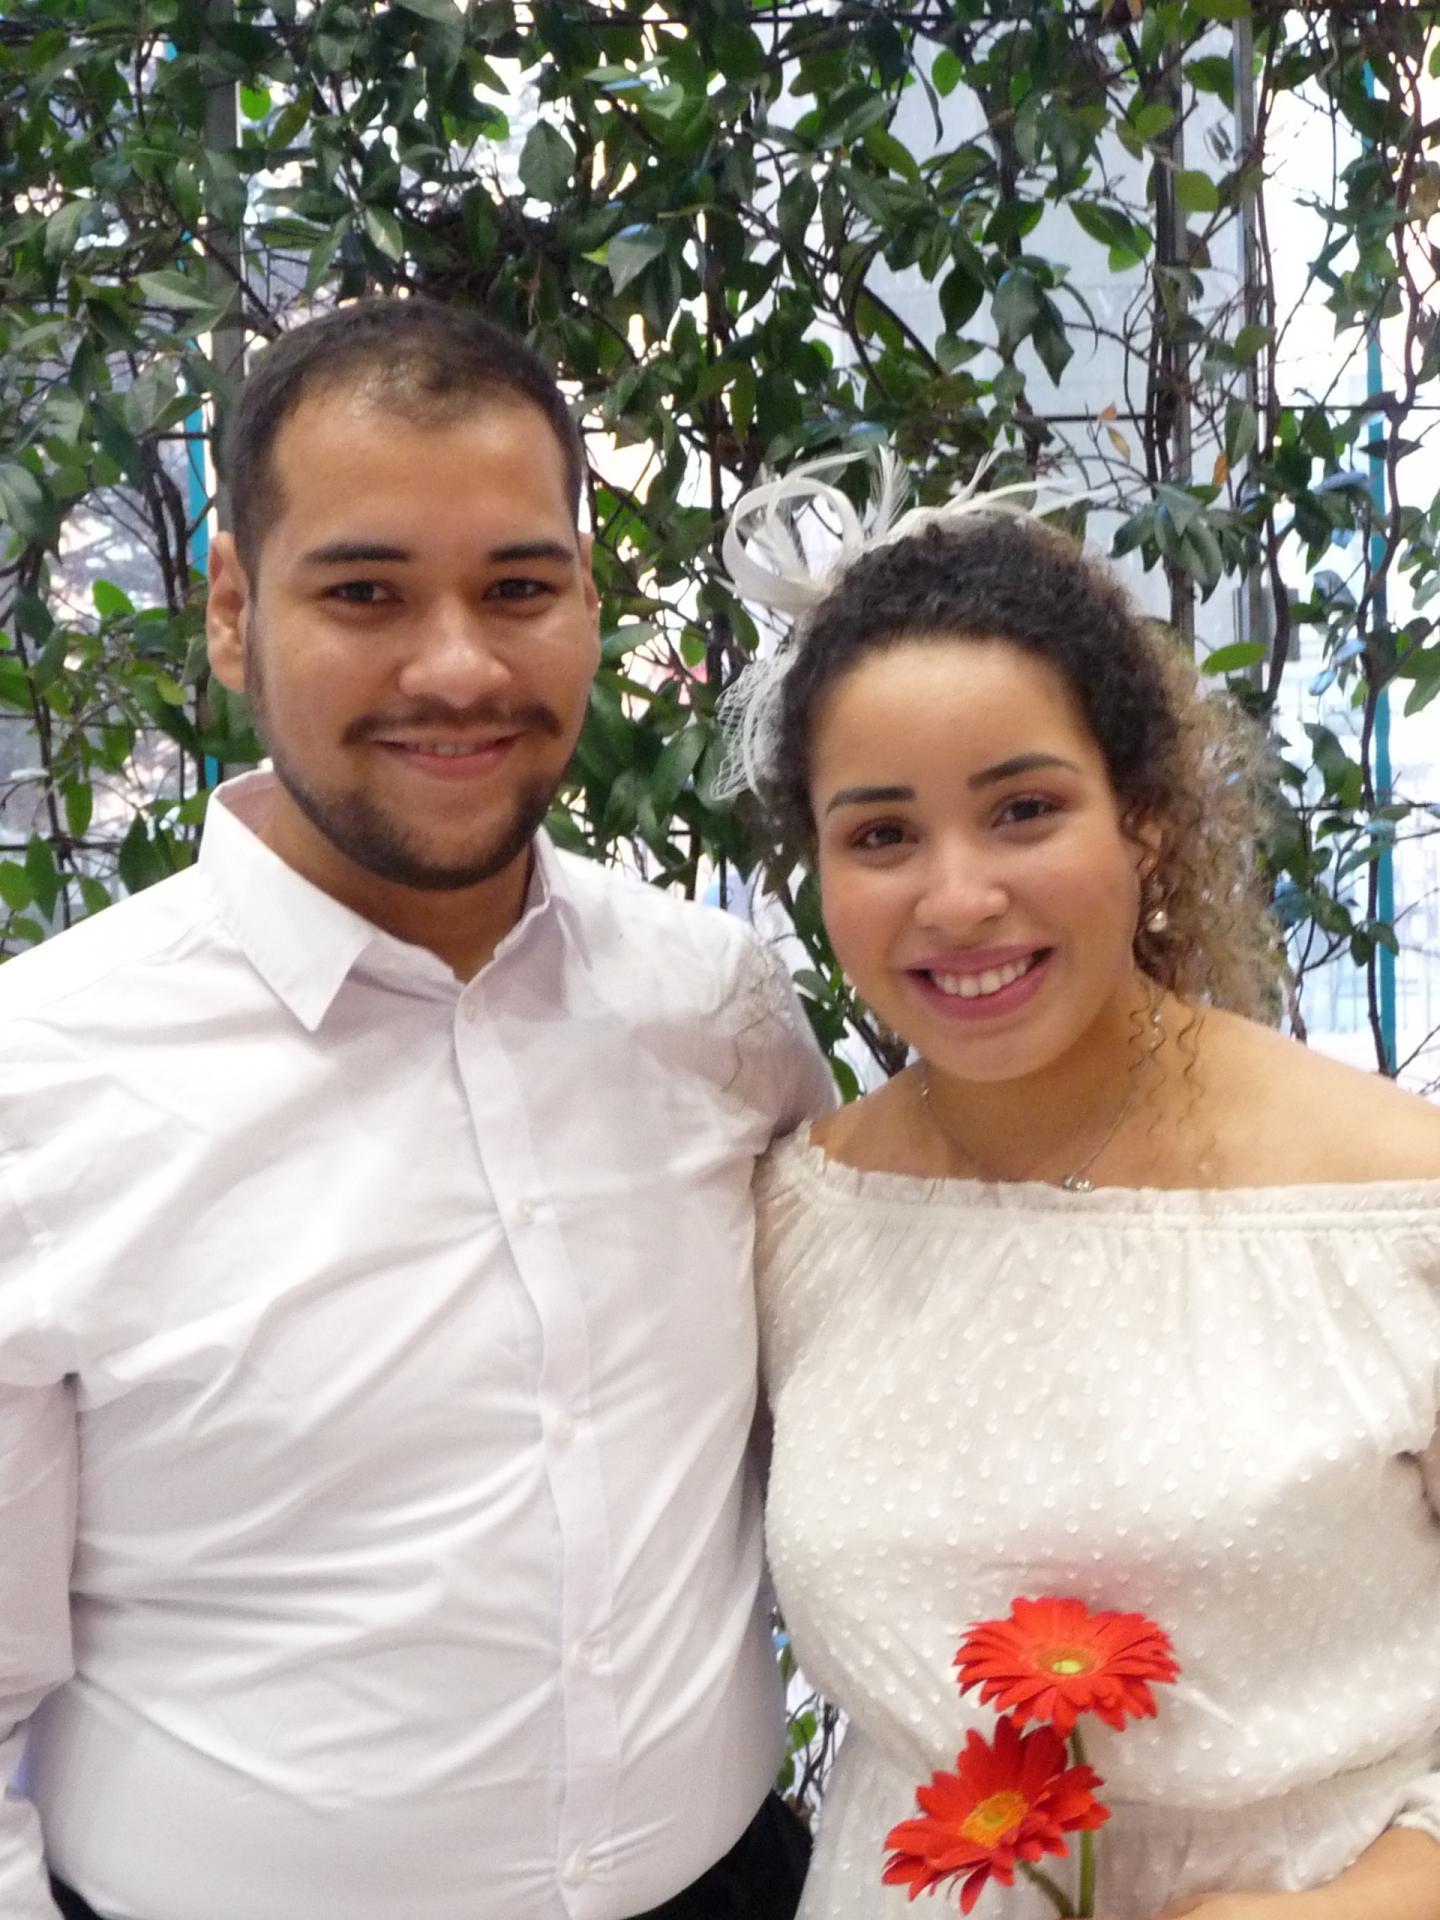 Gabriel David Nunes, étudiant, et Thayanara Alves De Barros Silva, gestionnaire.